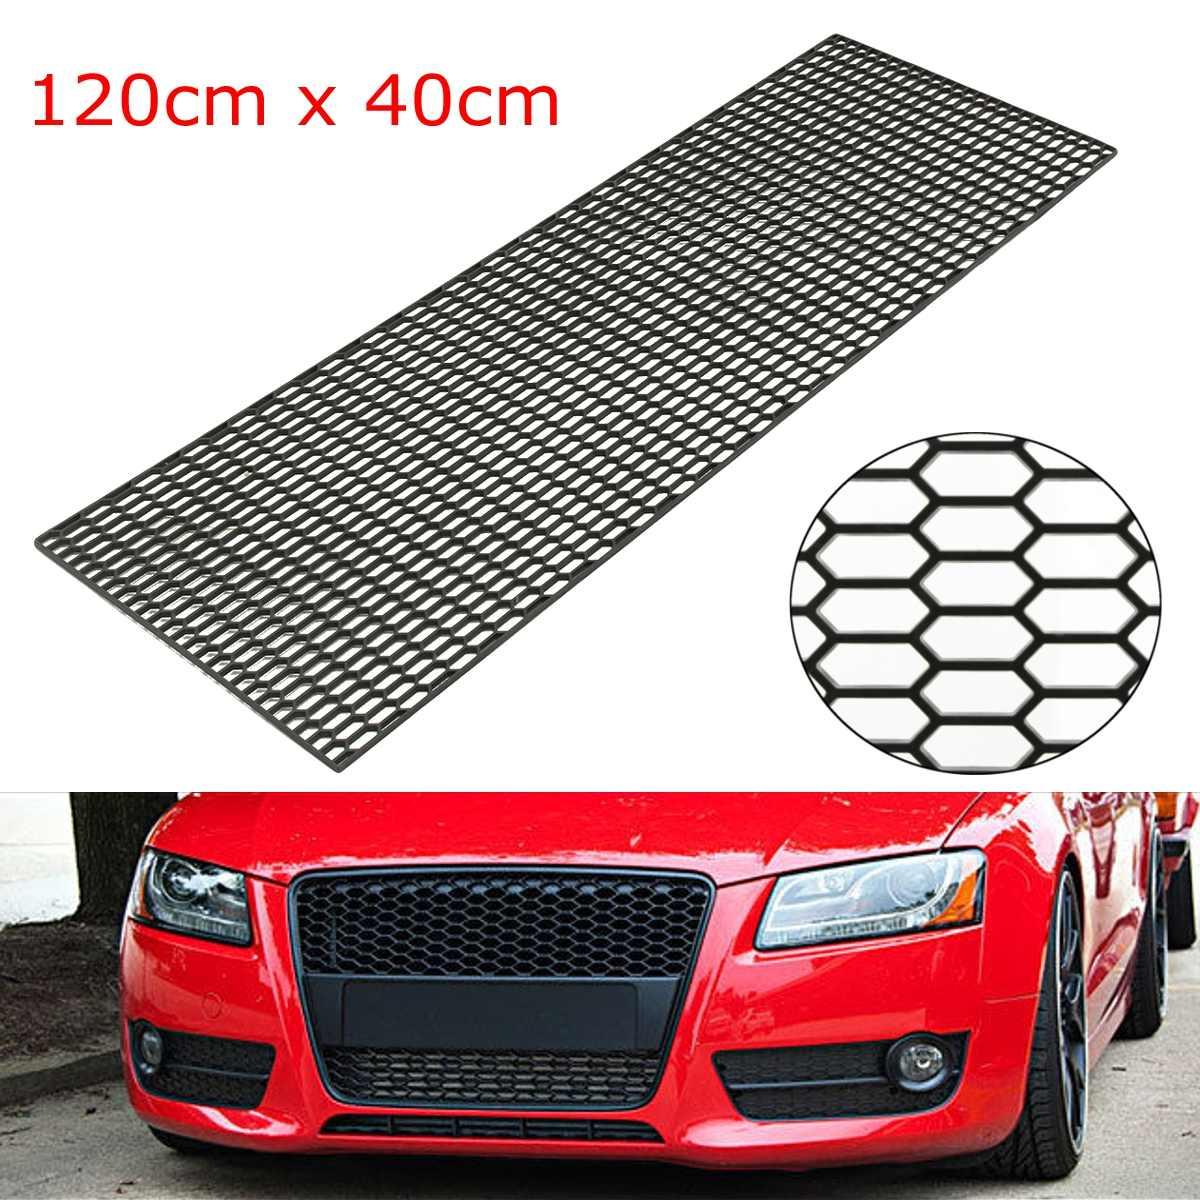 120x40cm estilo do carro universal entrada de ar corrida favo mel meshed grille spoiler pára capô ventilação corrida grills